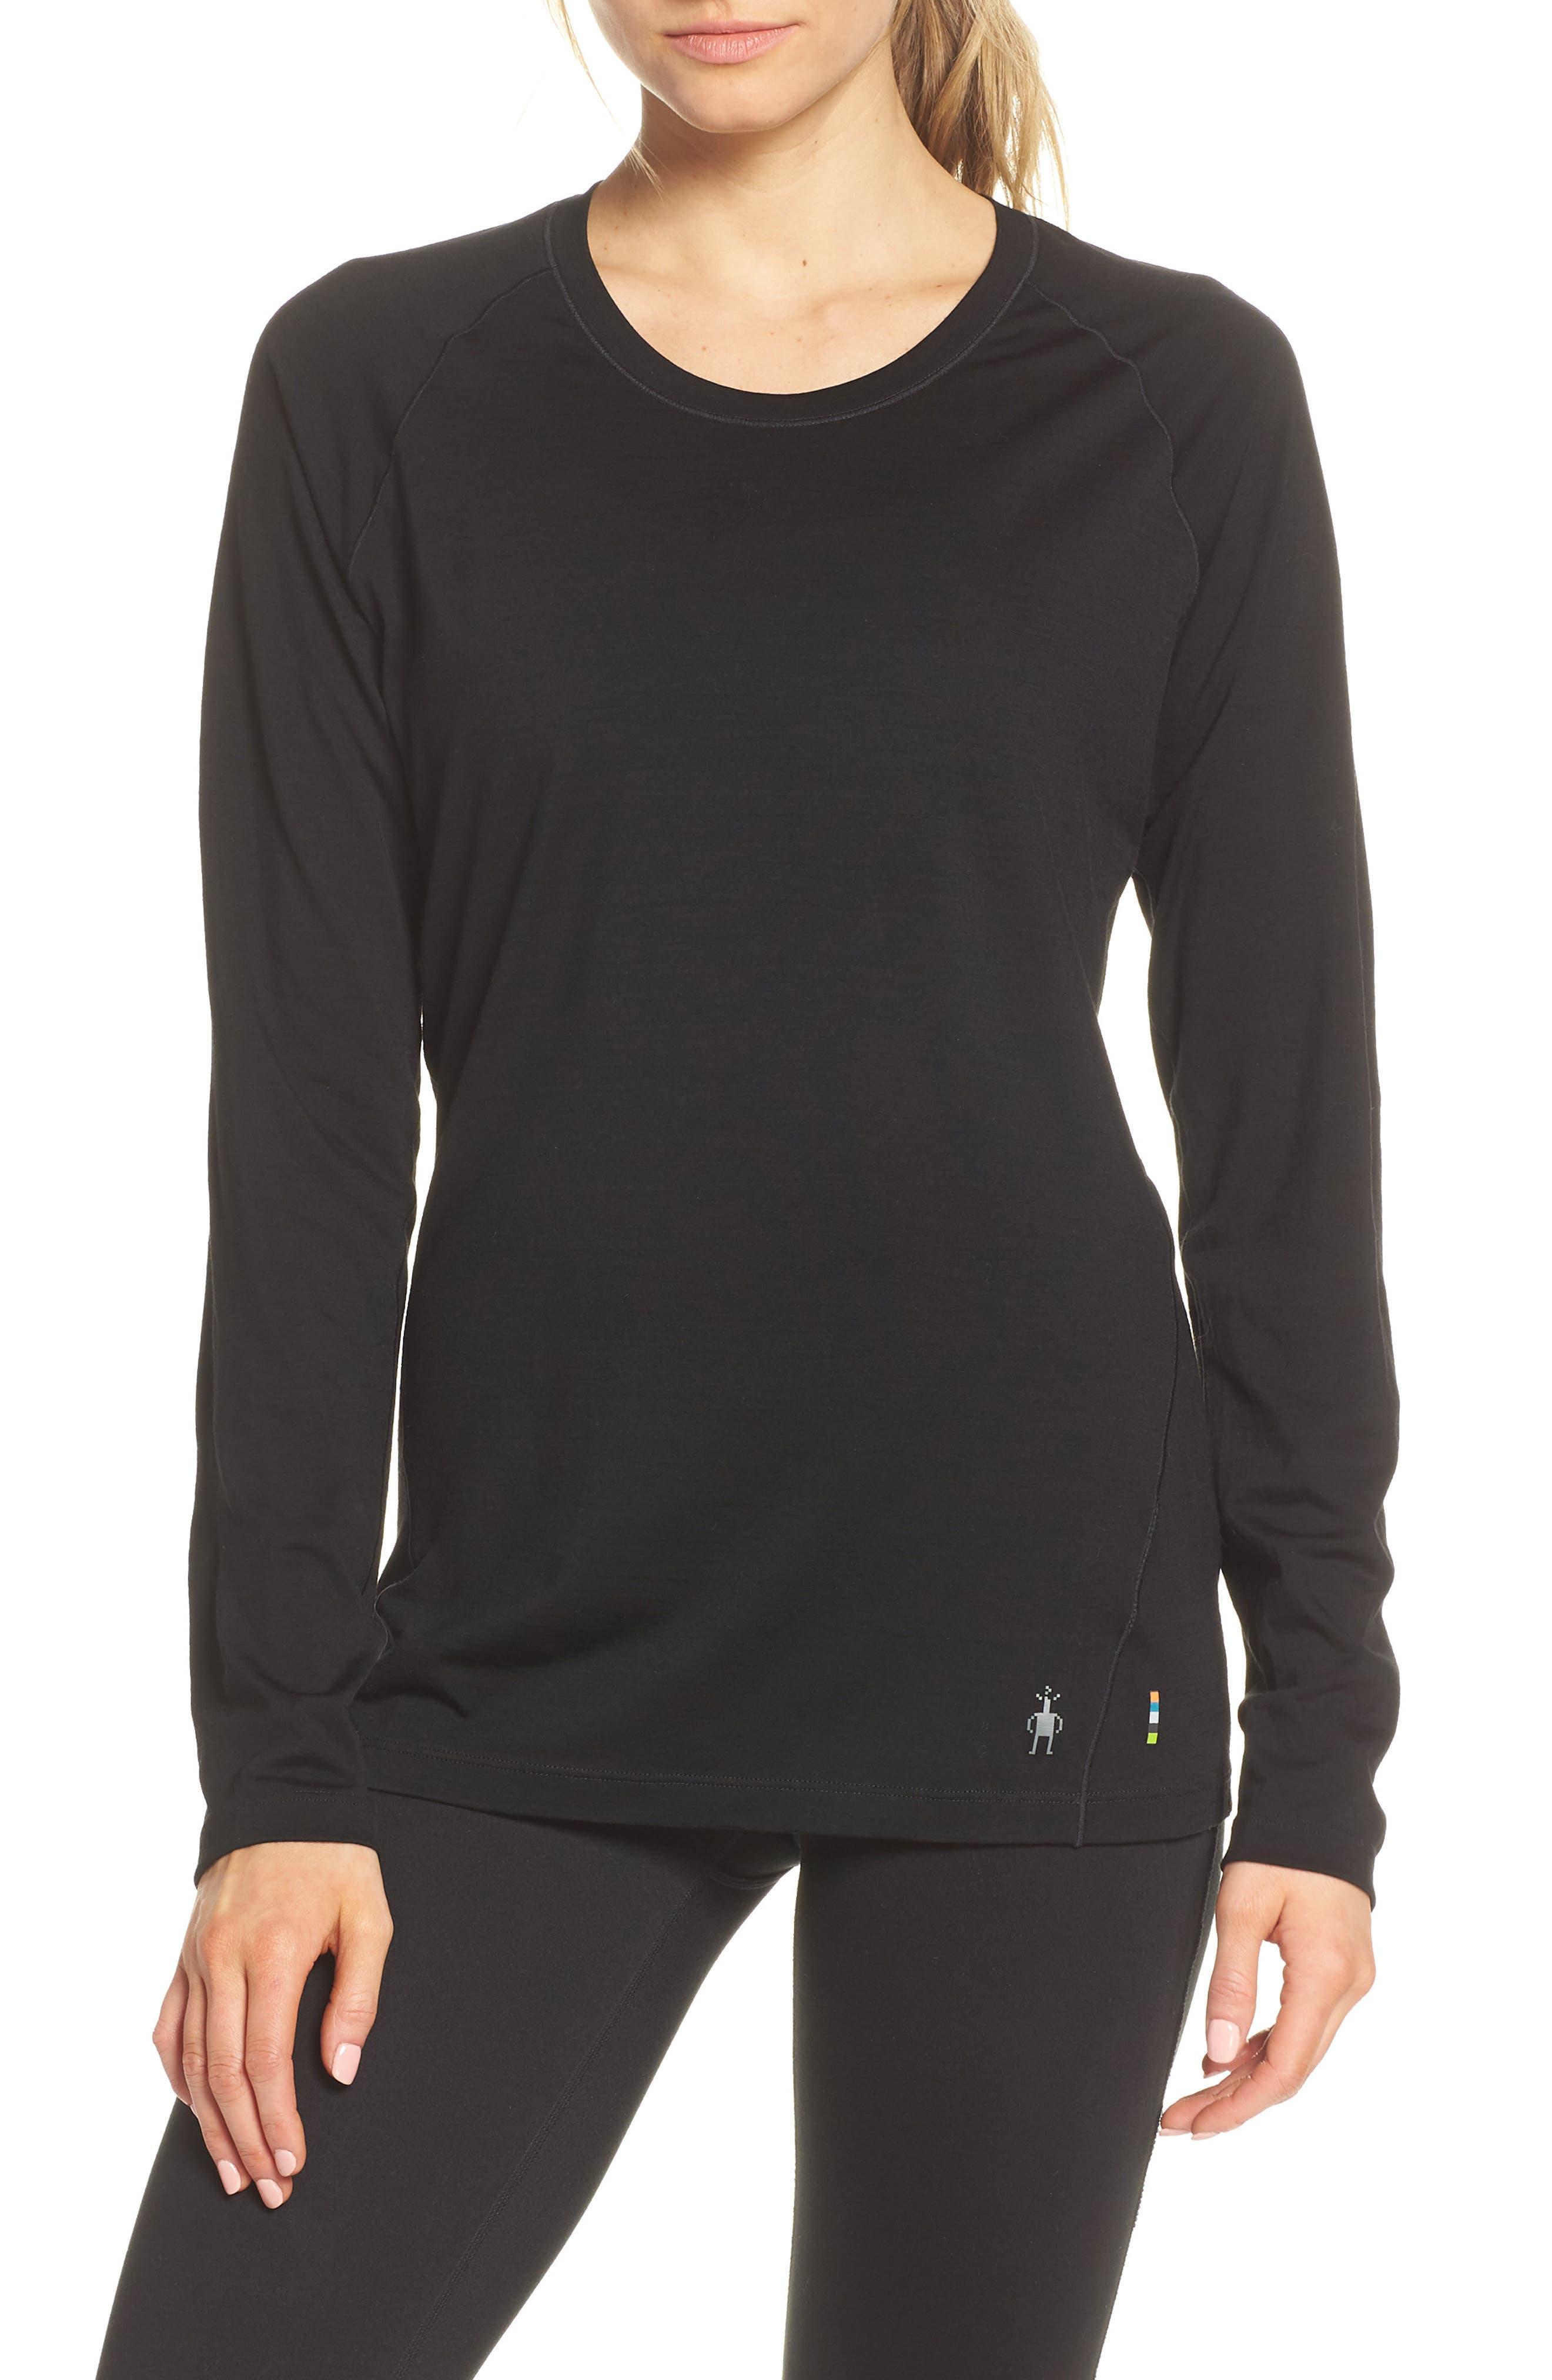 Smartwool Merino Wool 150 Base Layer Top, Black